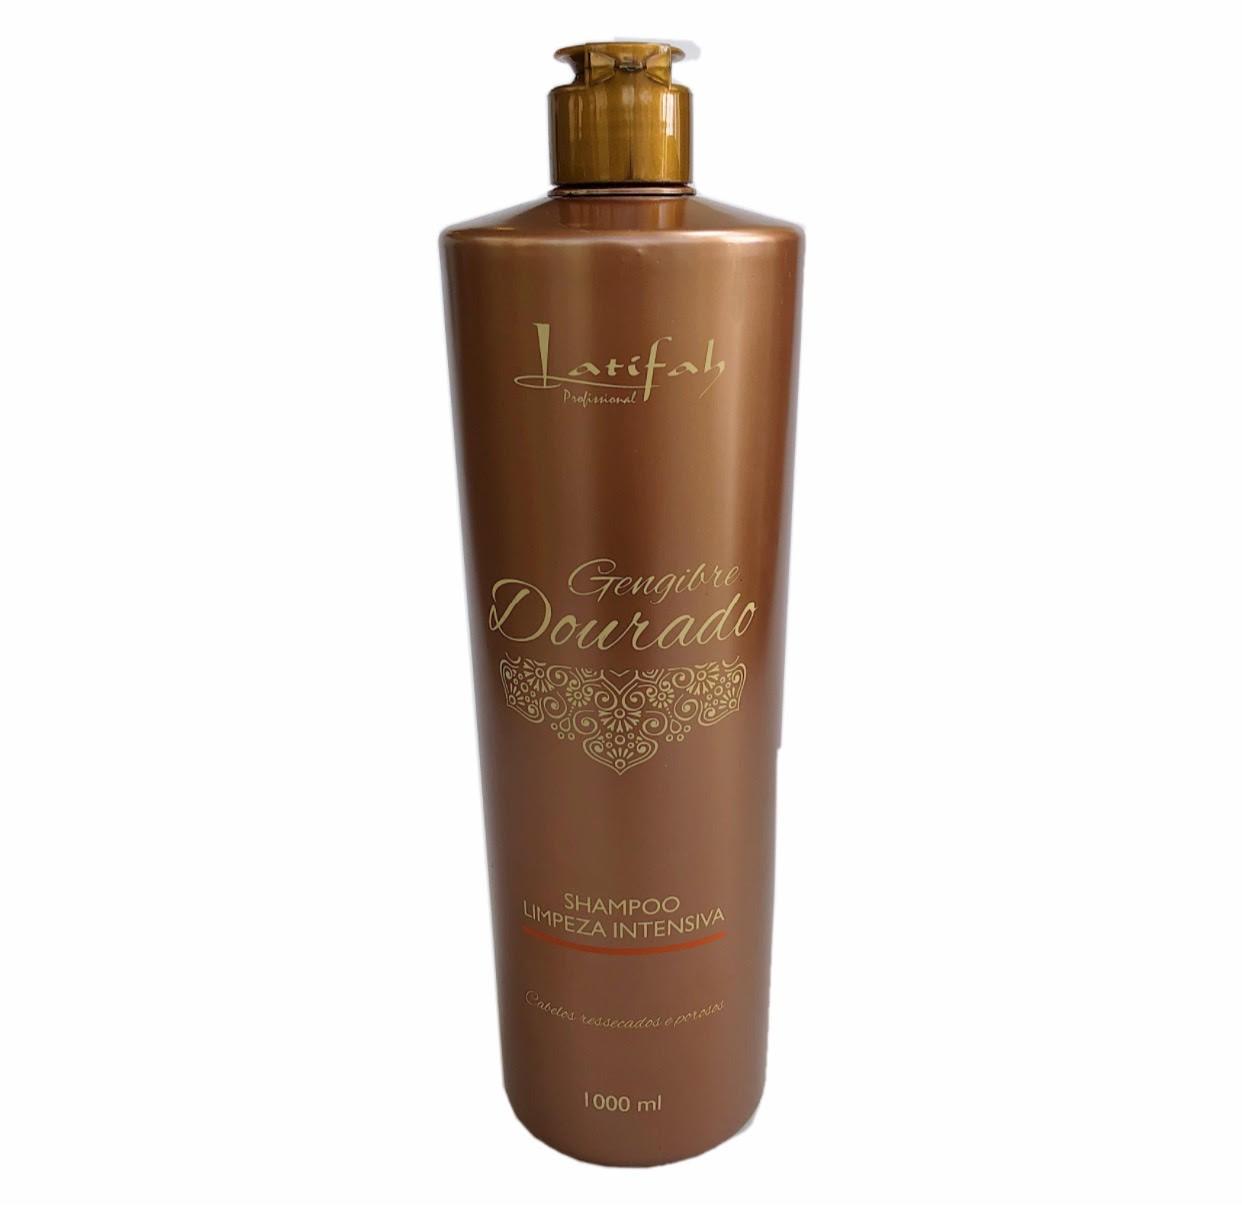 Shampoo de Limpeza Intensiva Latifah Gengibre Dourado 1000ml